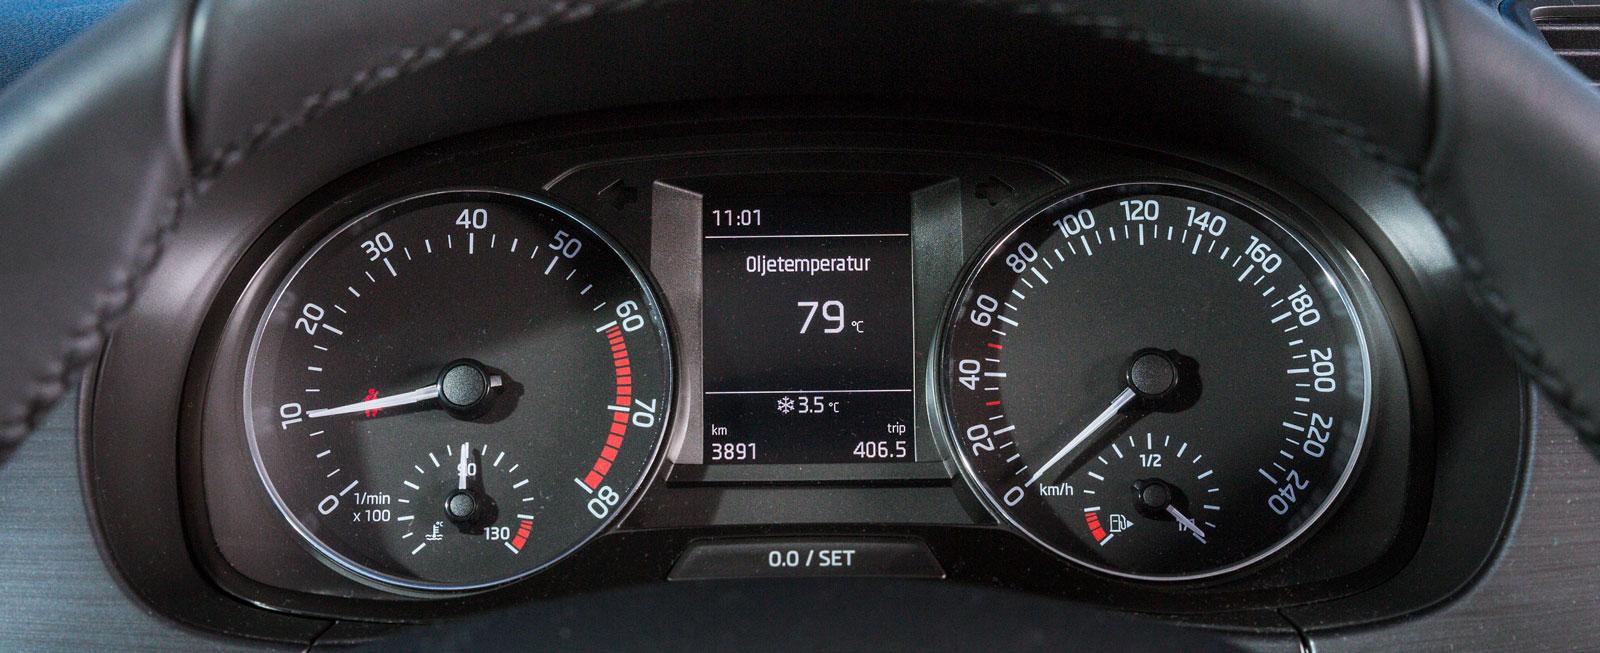 Fabias stora instrumenttavlor och färddator mellan dem har samma uppläggning som i rader av VW-bilar. Bra funktion överlag.